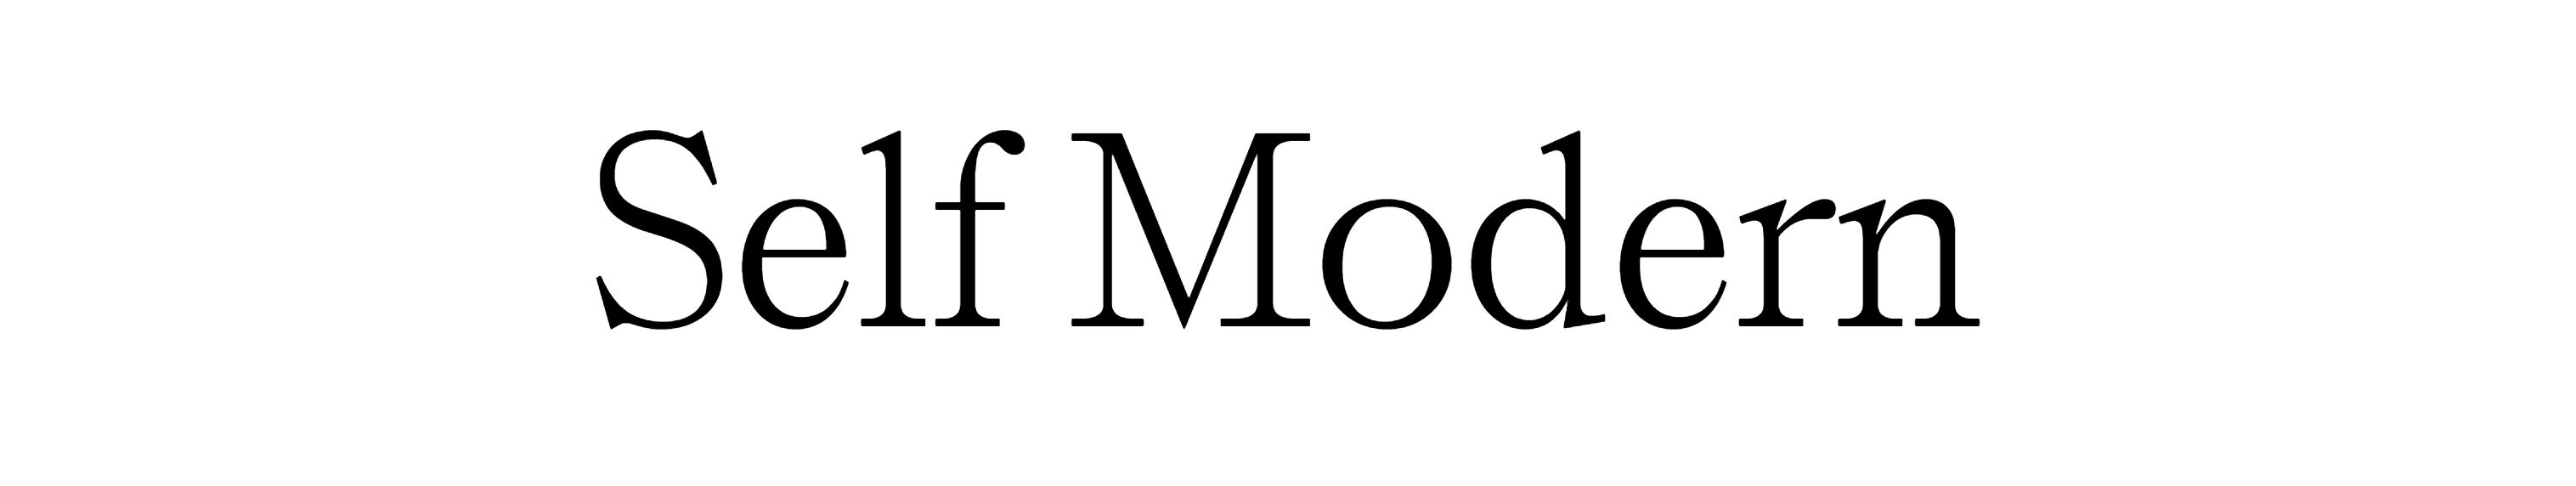 Self Modern